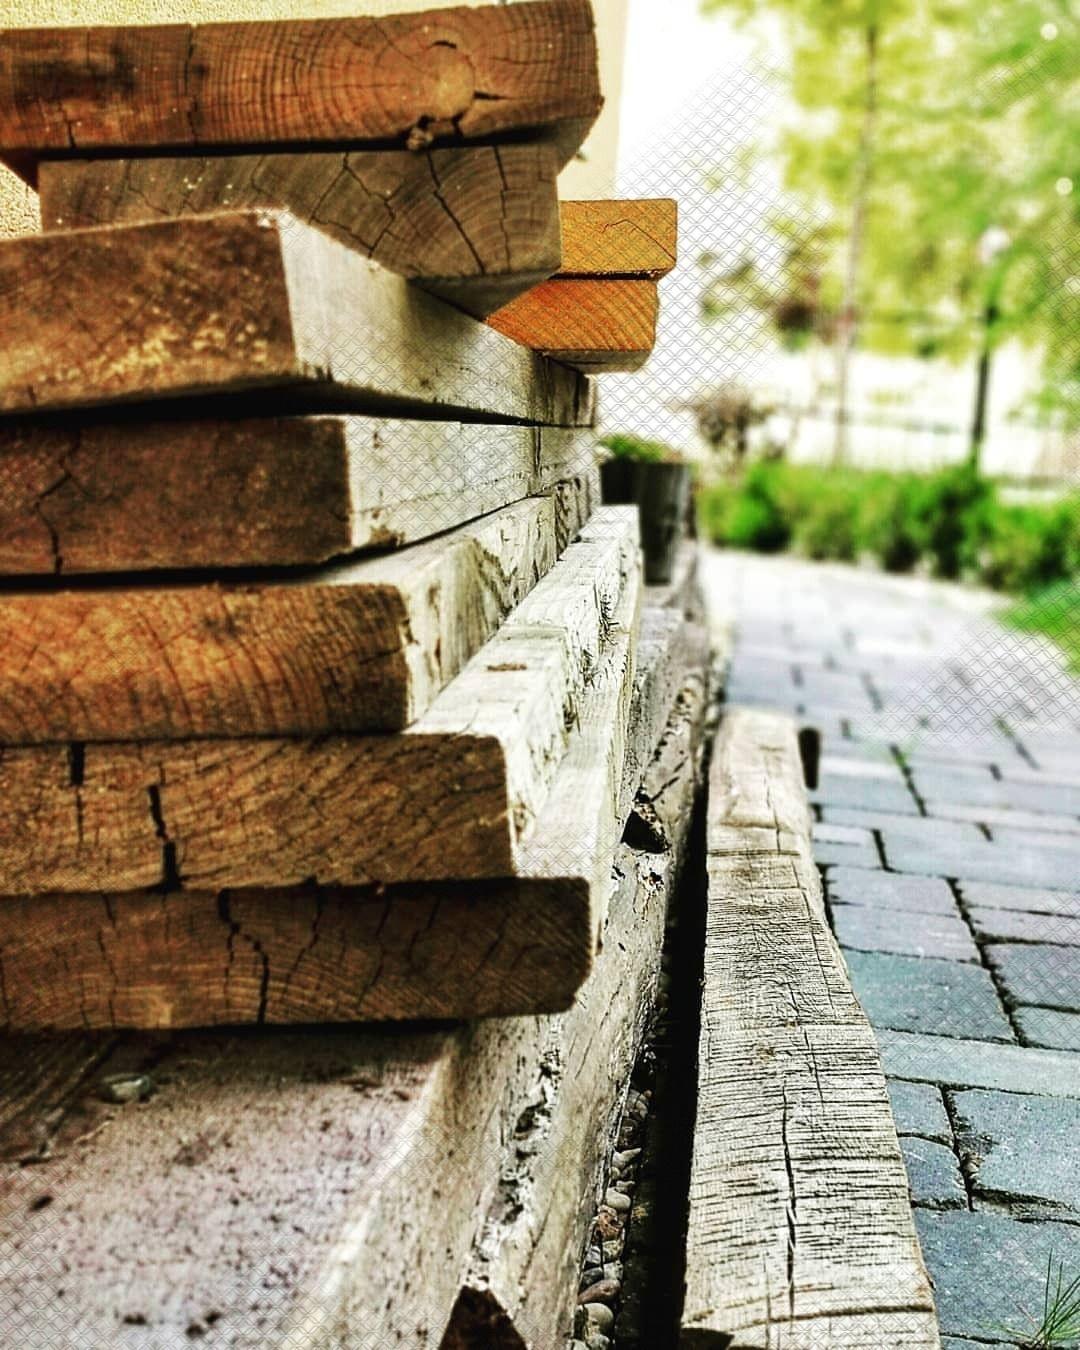 Zur Zeit Komme Ich Leider Wenig Dazu Mich Um Holzprojekte Zu Kummern Die Fundamente Fur Mein Carport Nehmen Viel Mehr Zeit In Anspruch A In 2019 Diy Pallet Furniture Stenciled Table